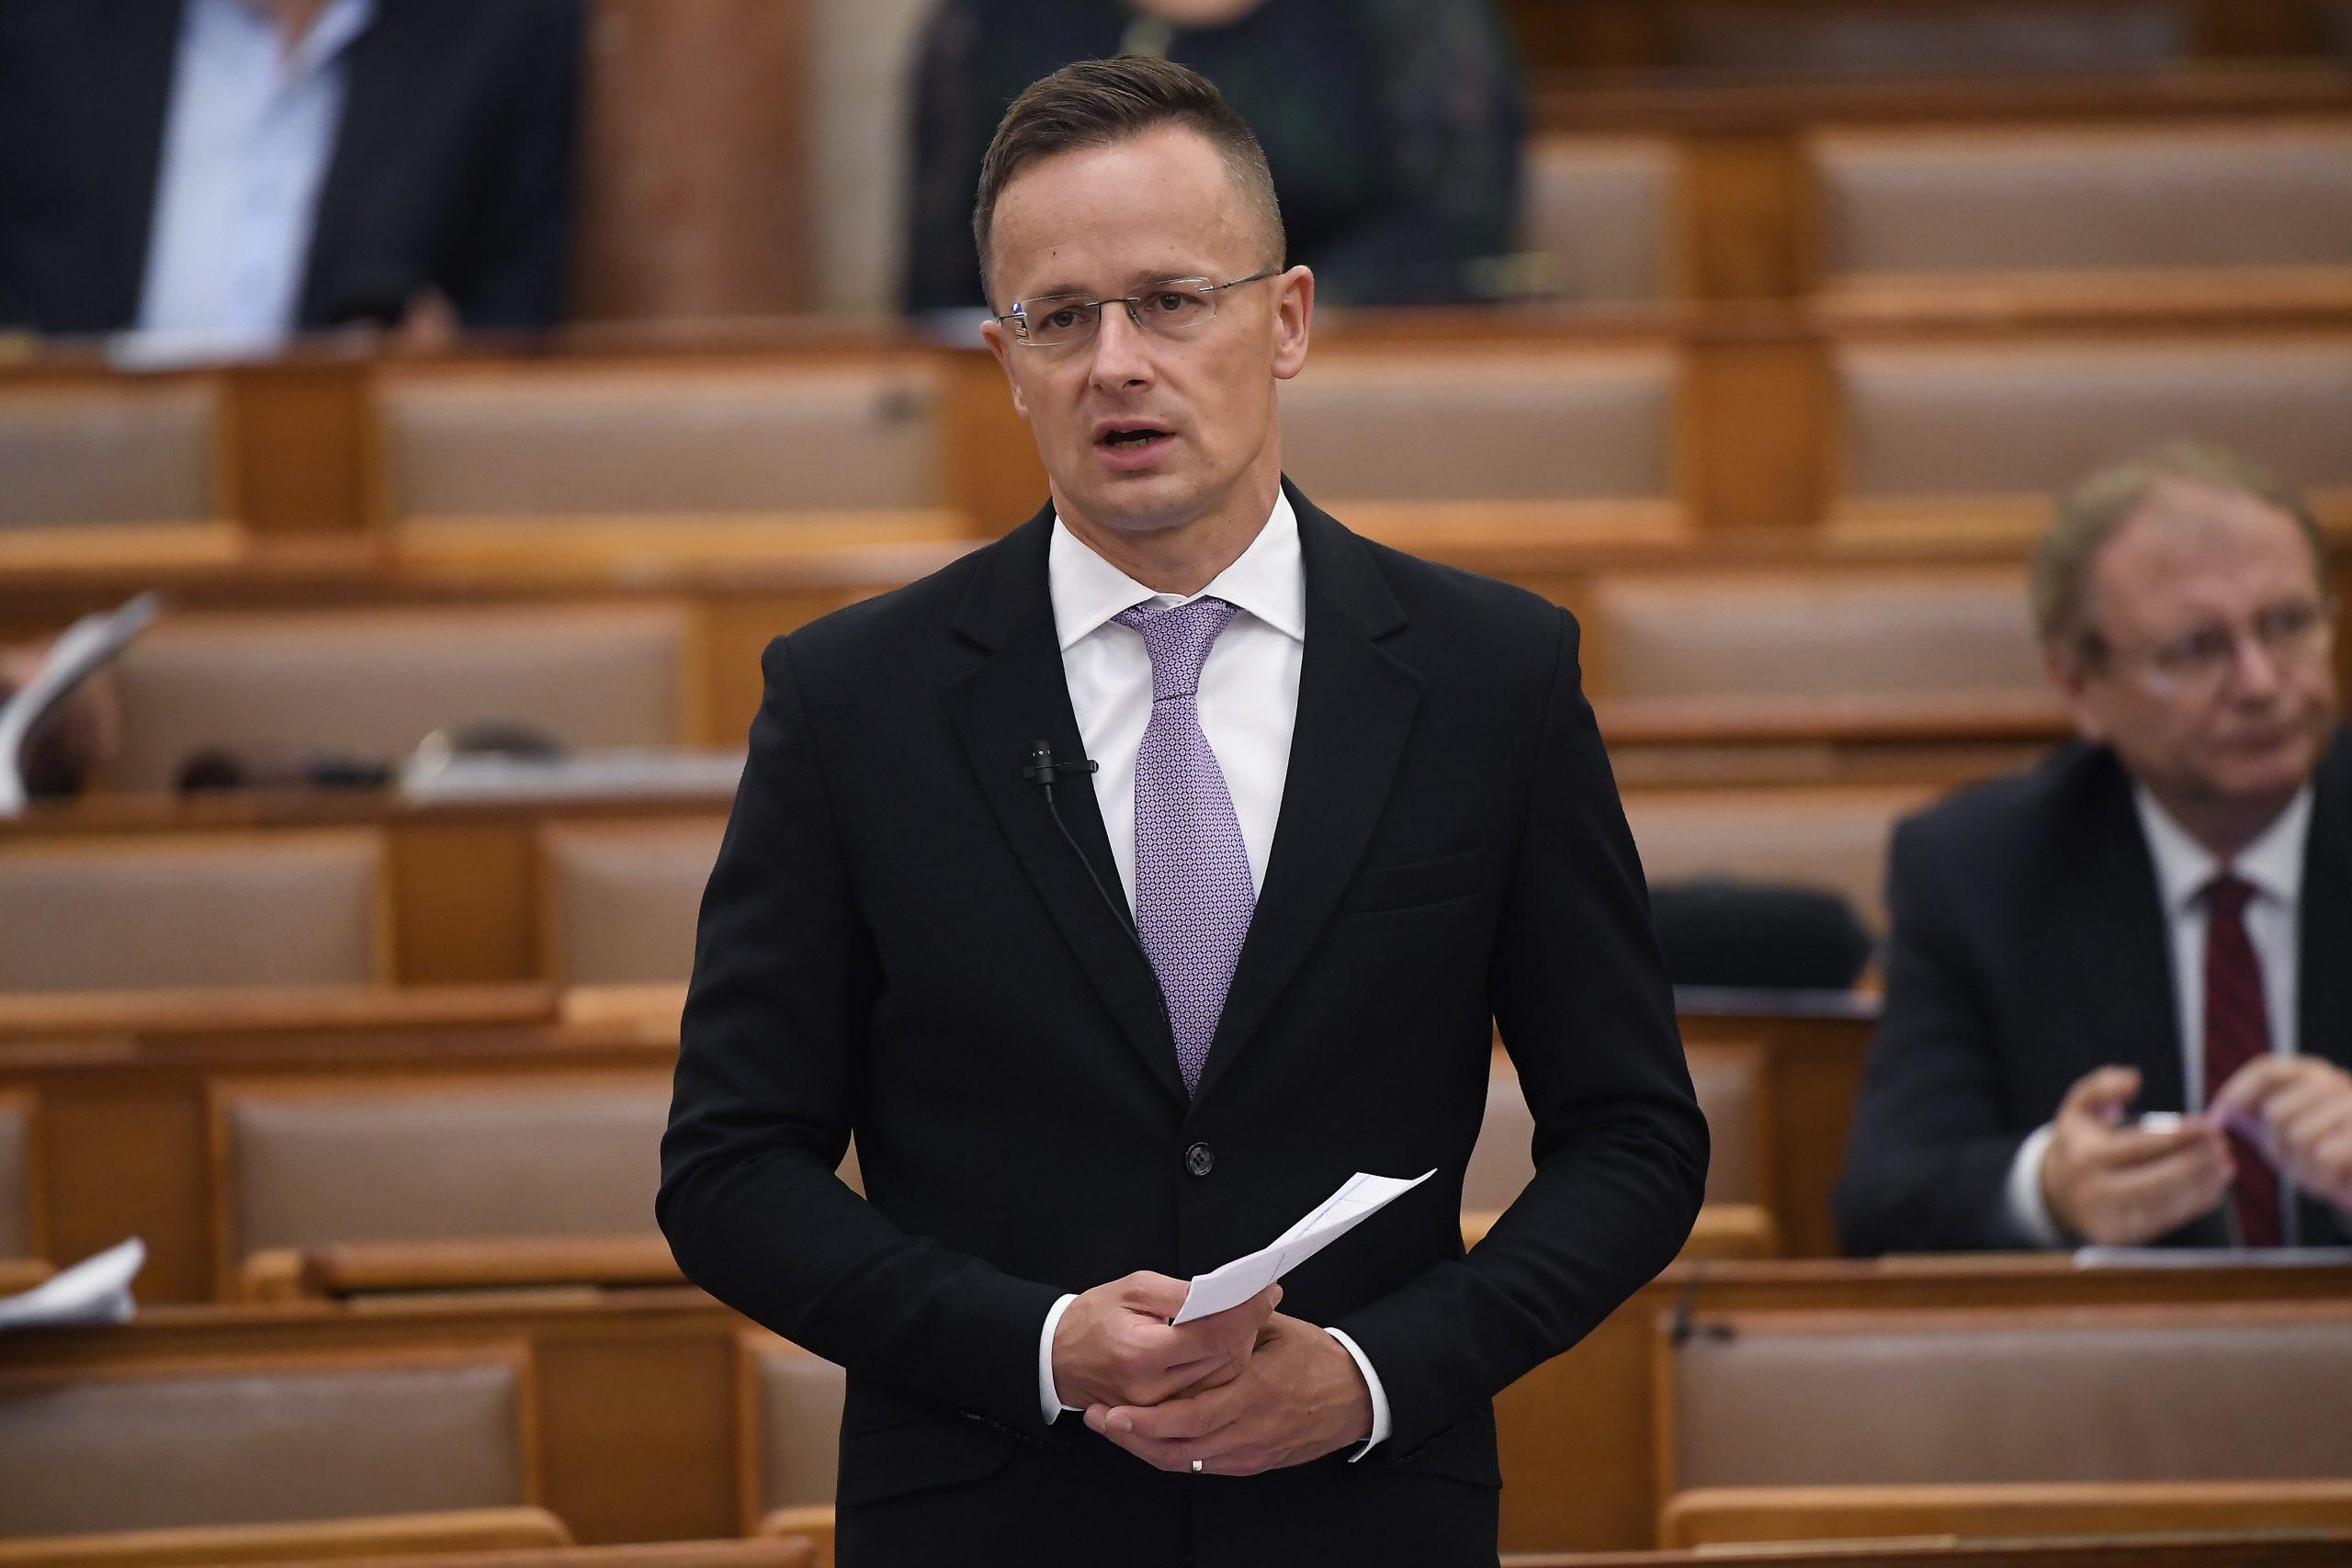 FM Szijjártó: Article 7 Procedure 'Political Blackmail' Against Hungary